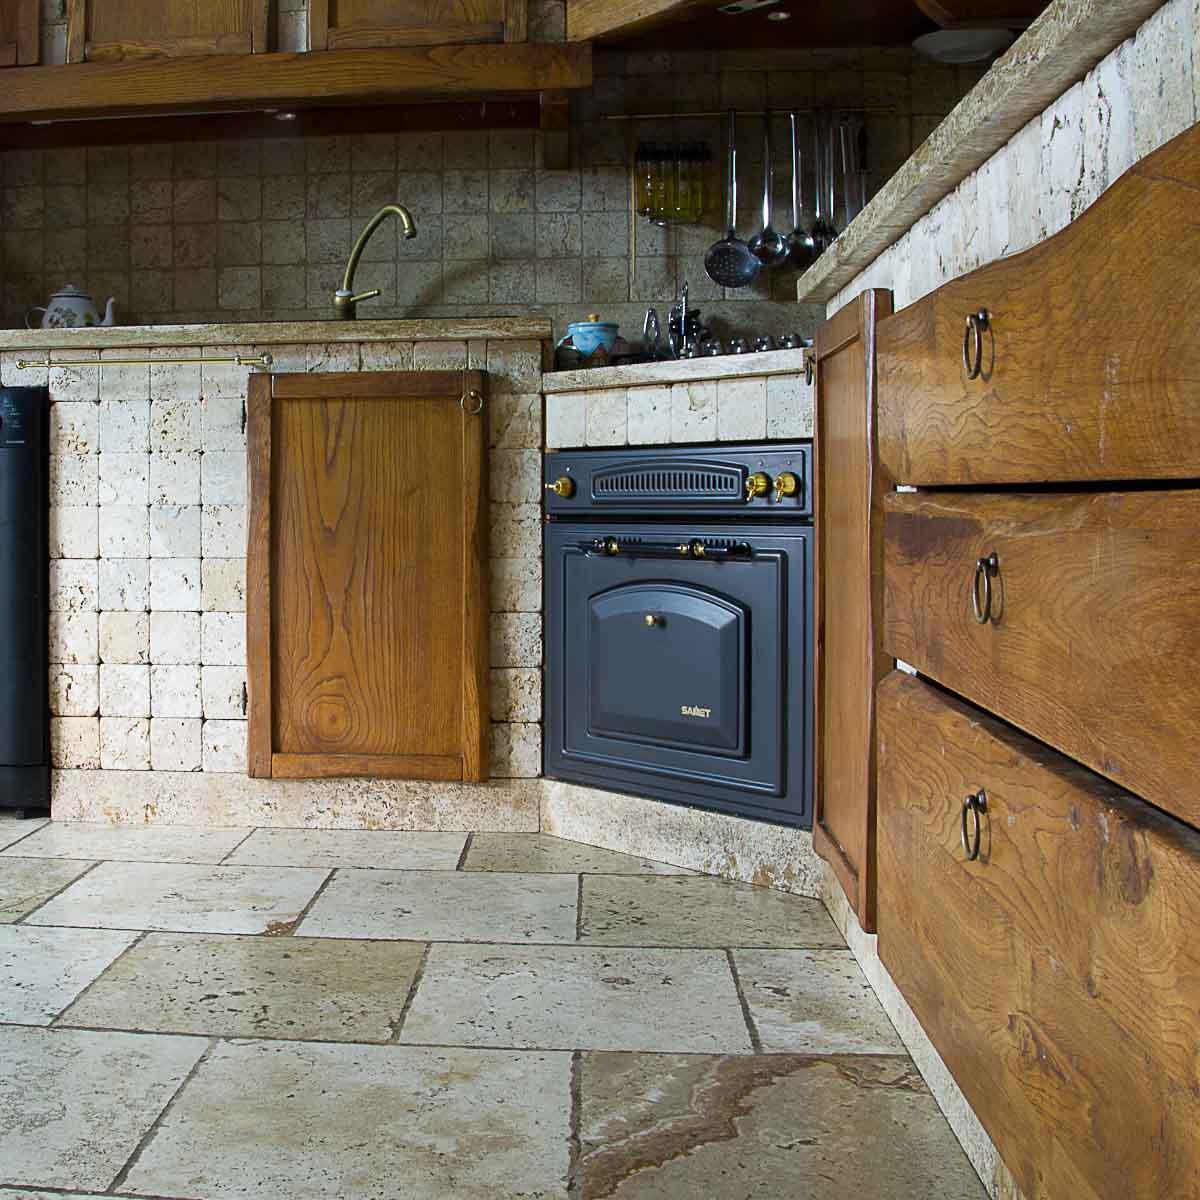 Tris tavolini colorati x soggiorno - Cucina in muratura ...